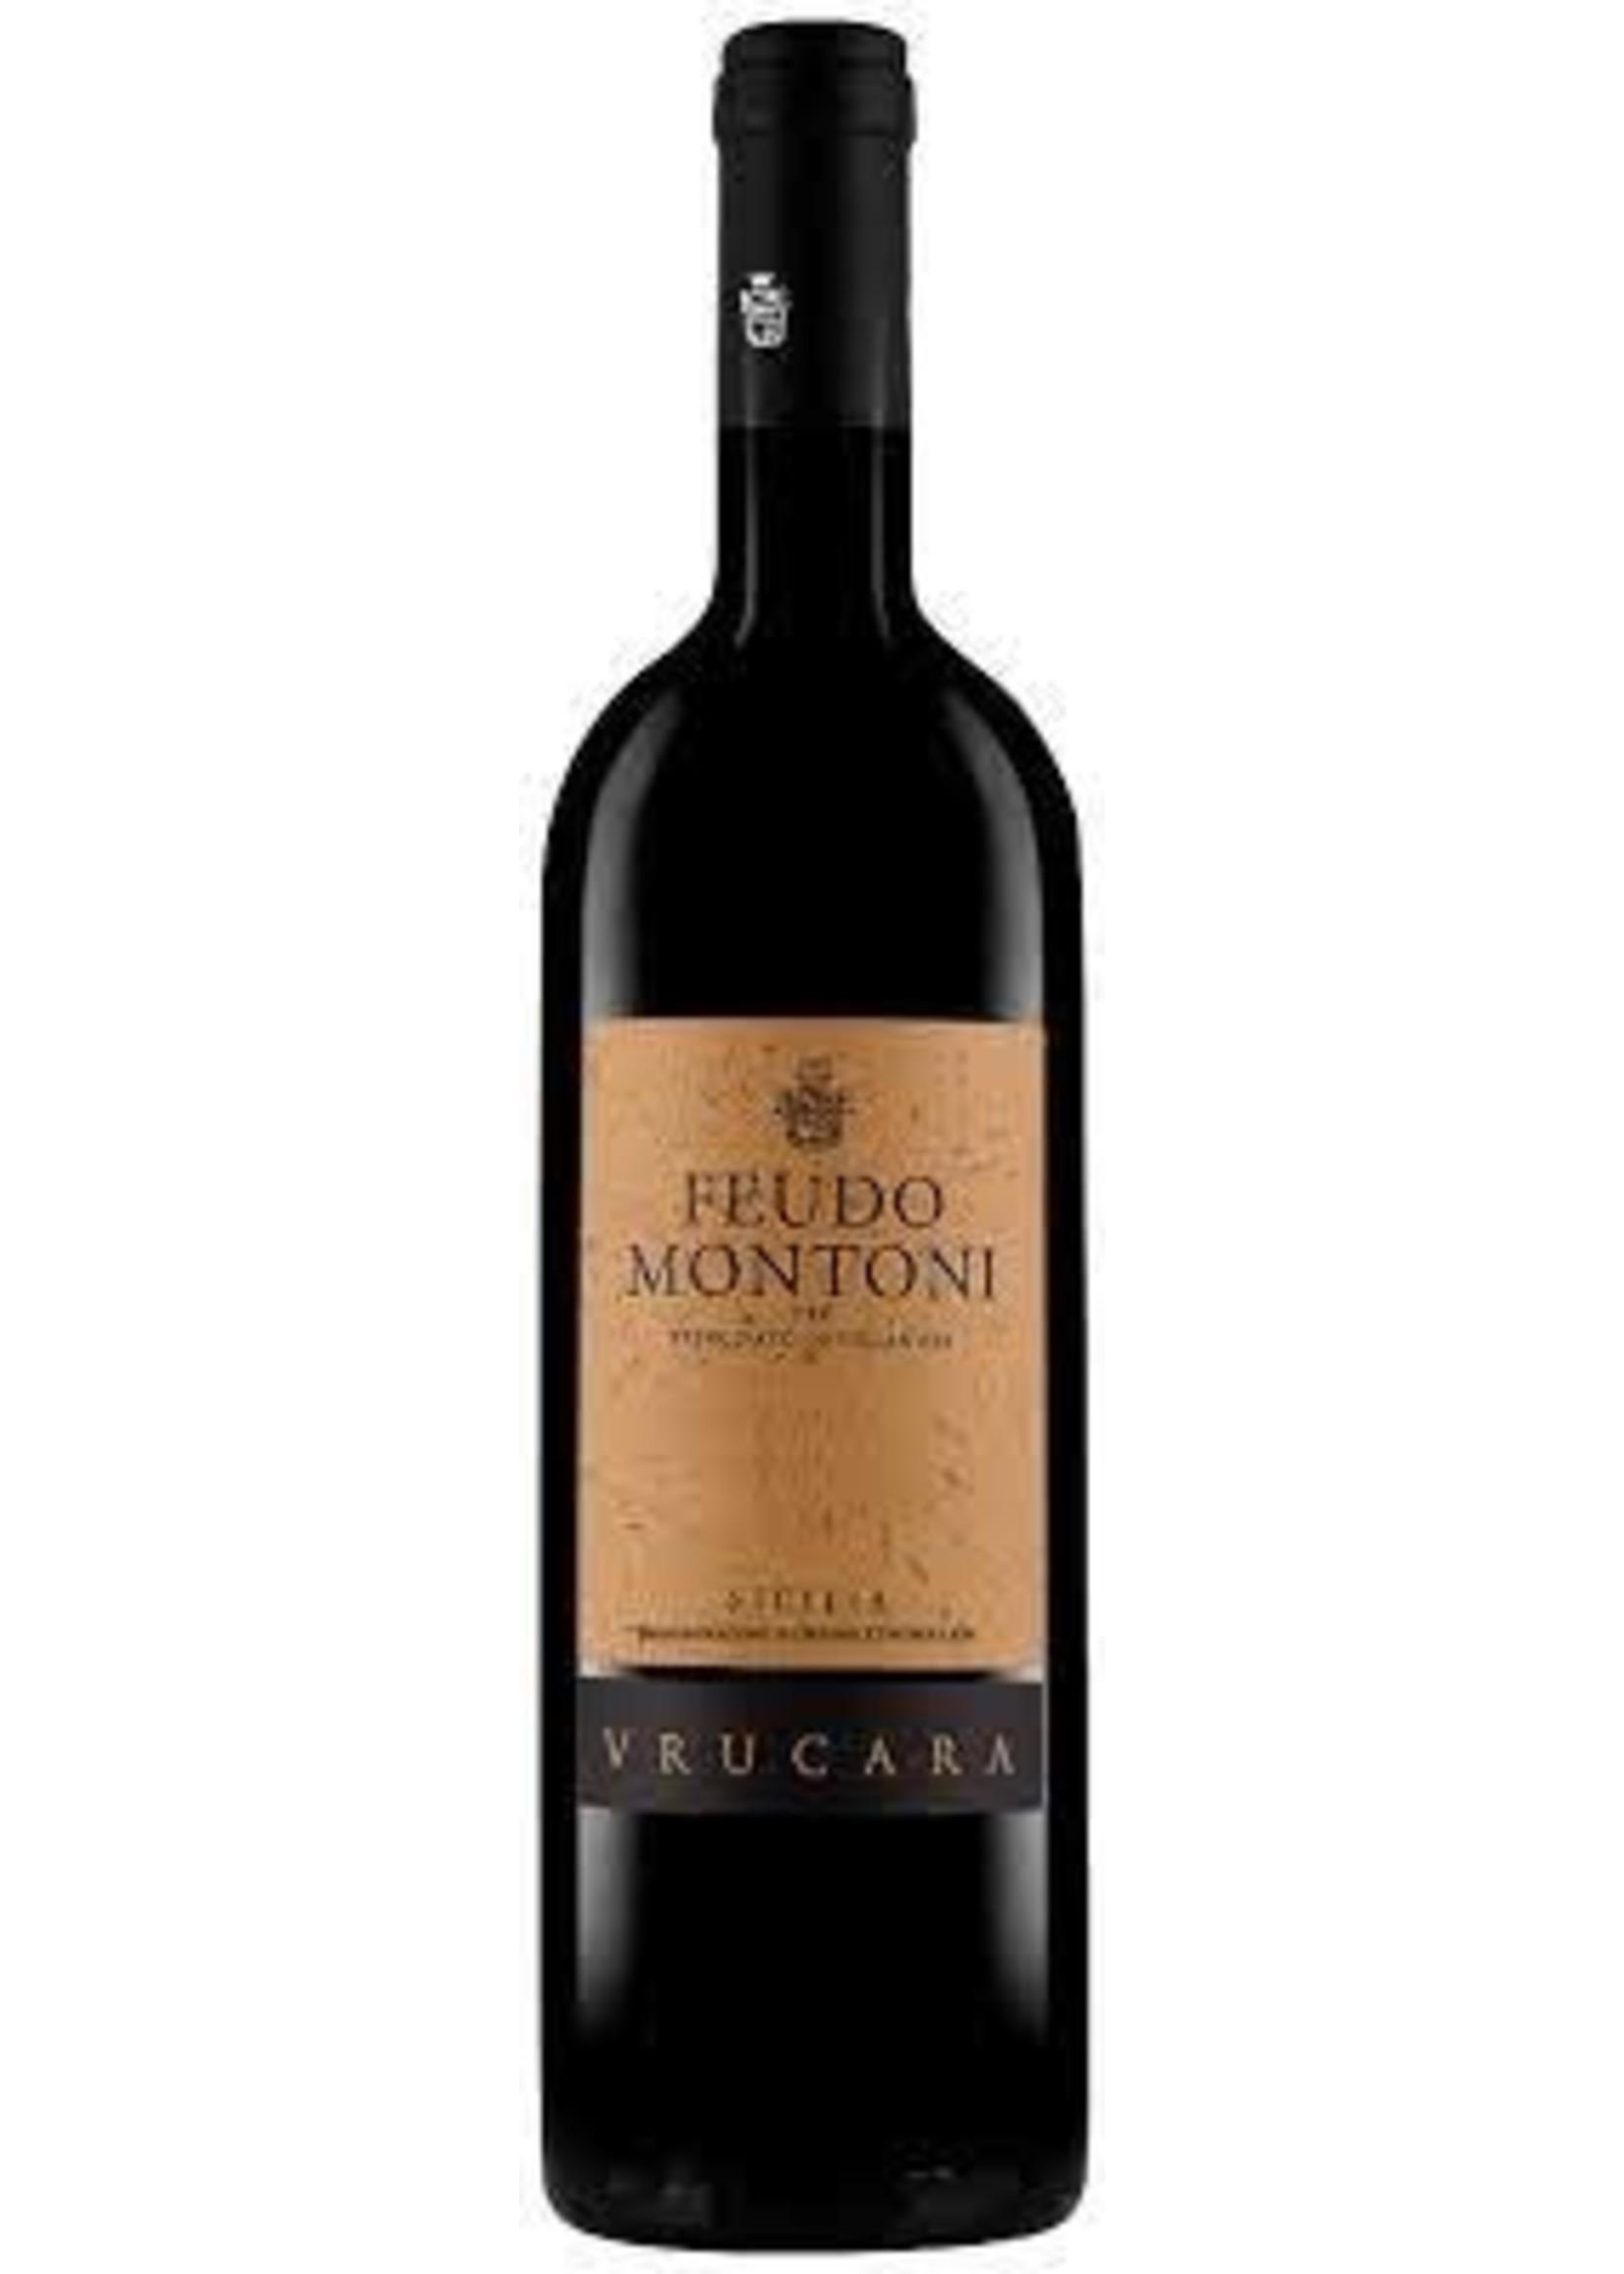 Feudo Montoni 2015 'Vrucara' Nero d'Avola 750ml